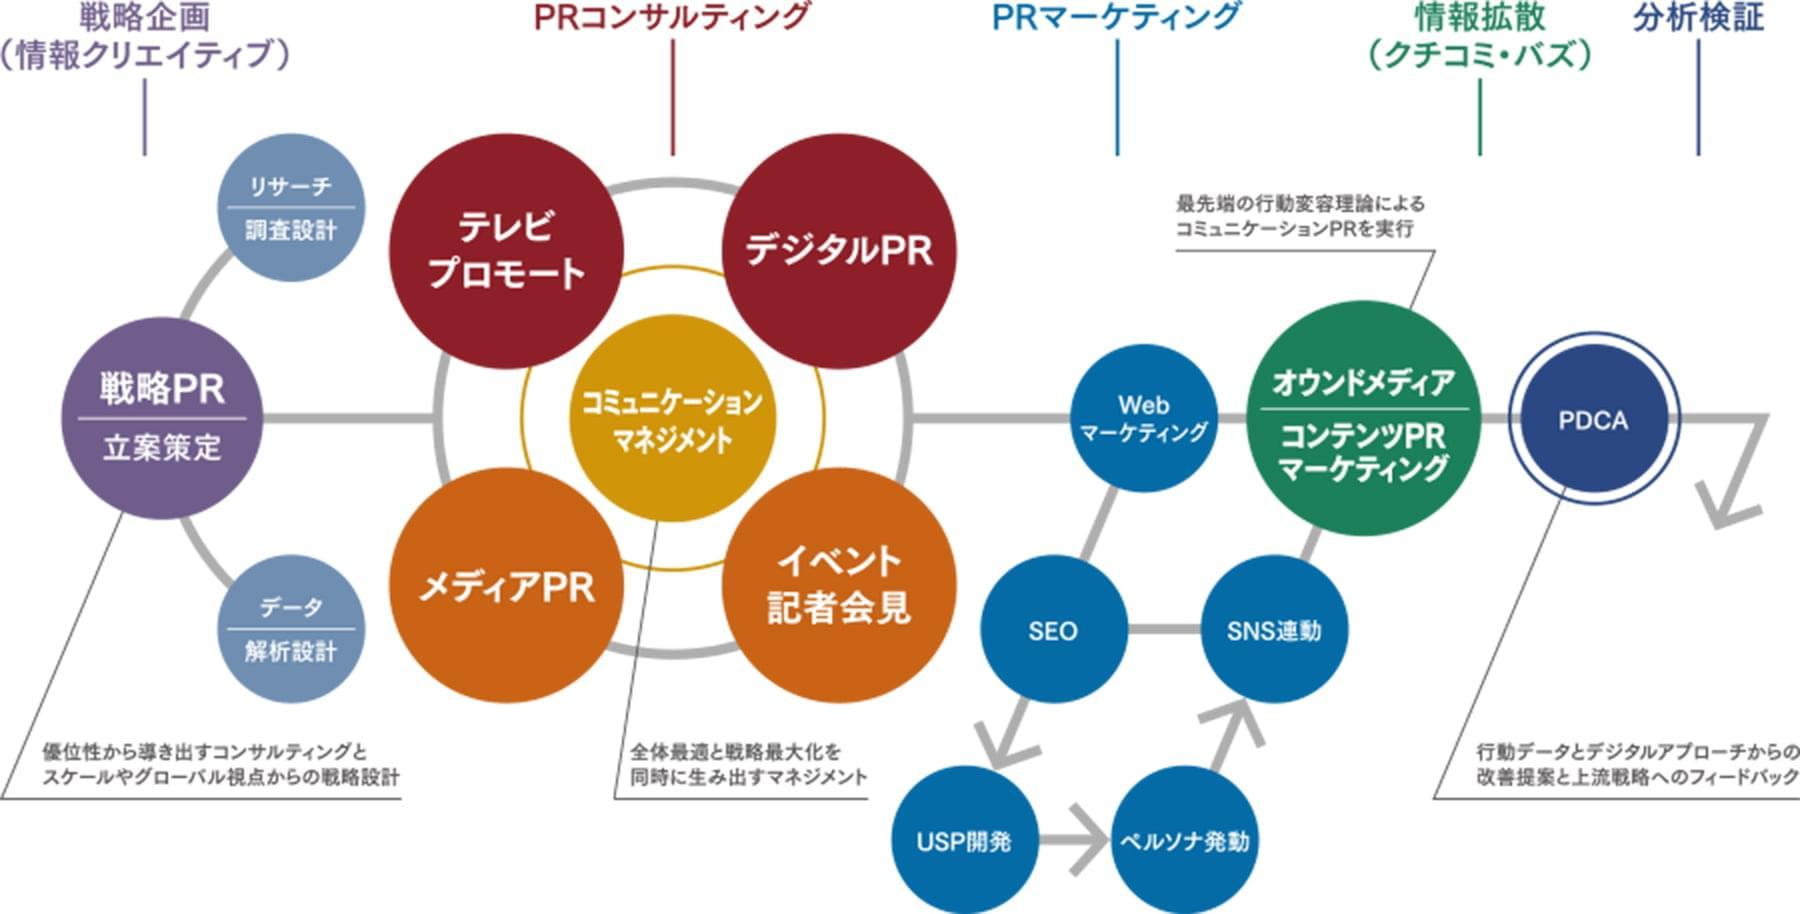 統合型デジタルPRマーケティング・ソリューション MENU